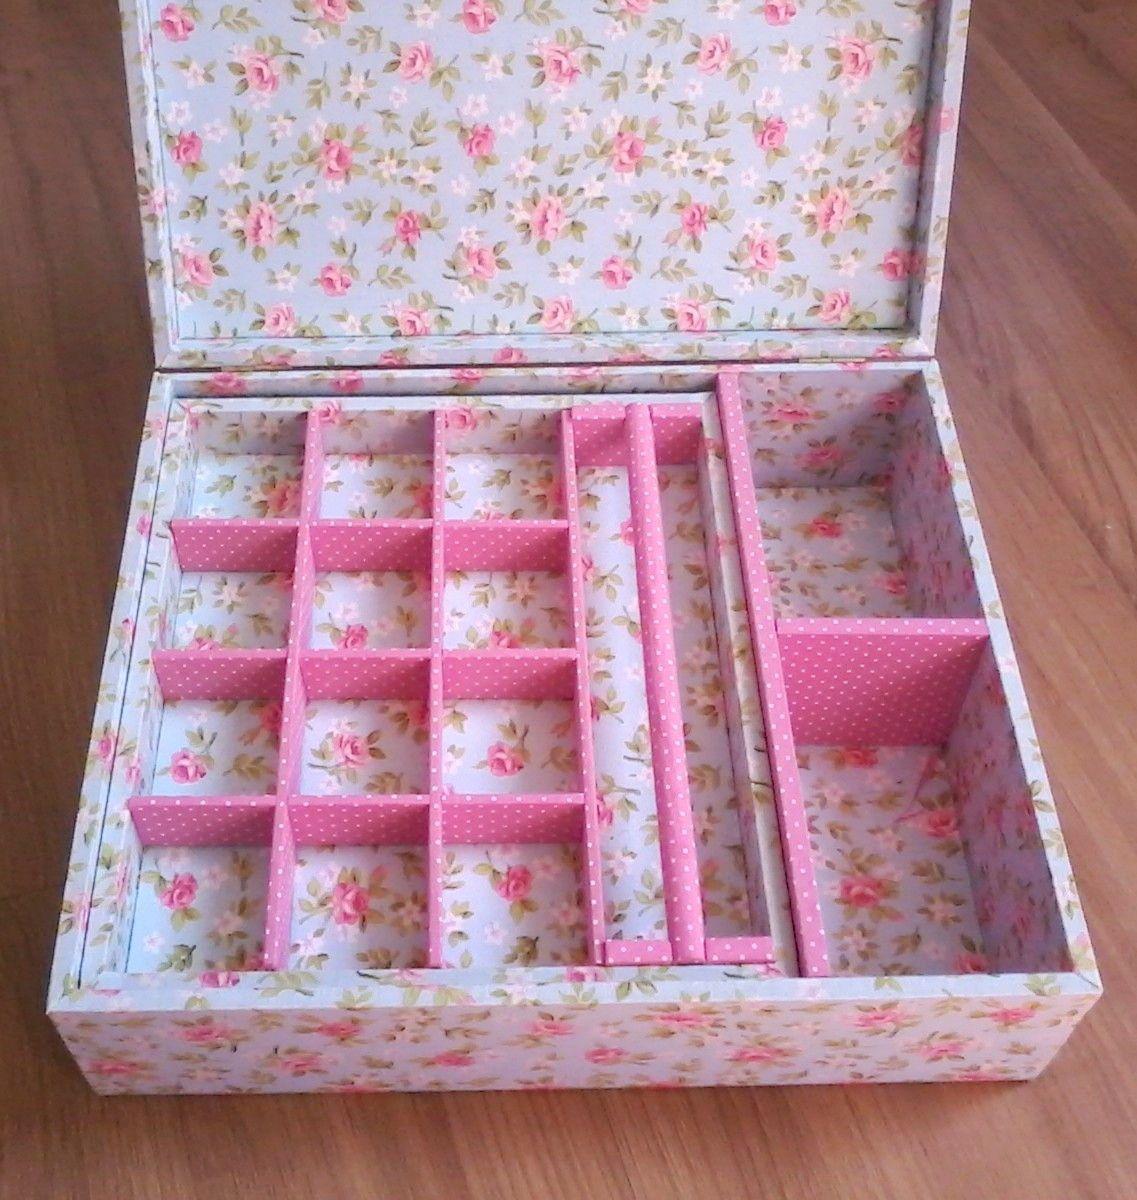 Caixa Porta Joias Floral Com Dobradicas Caixa Porta Joias